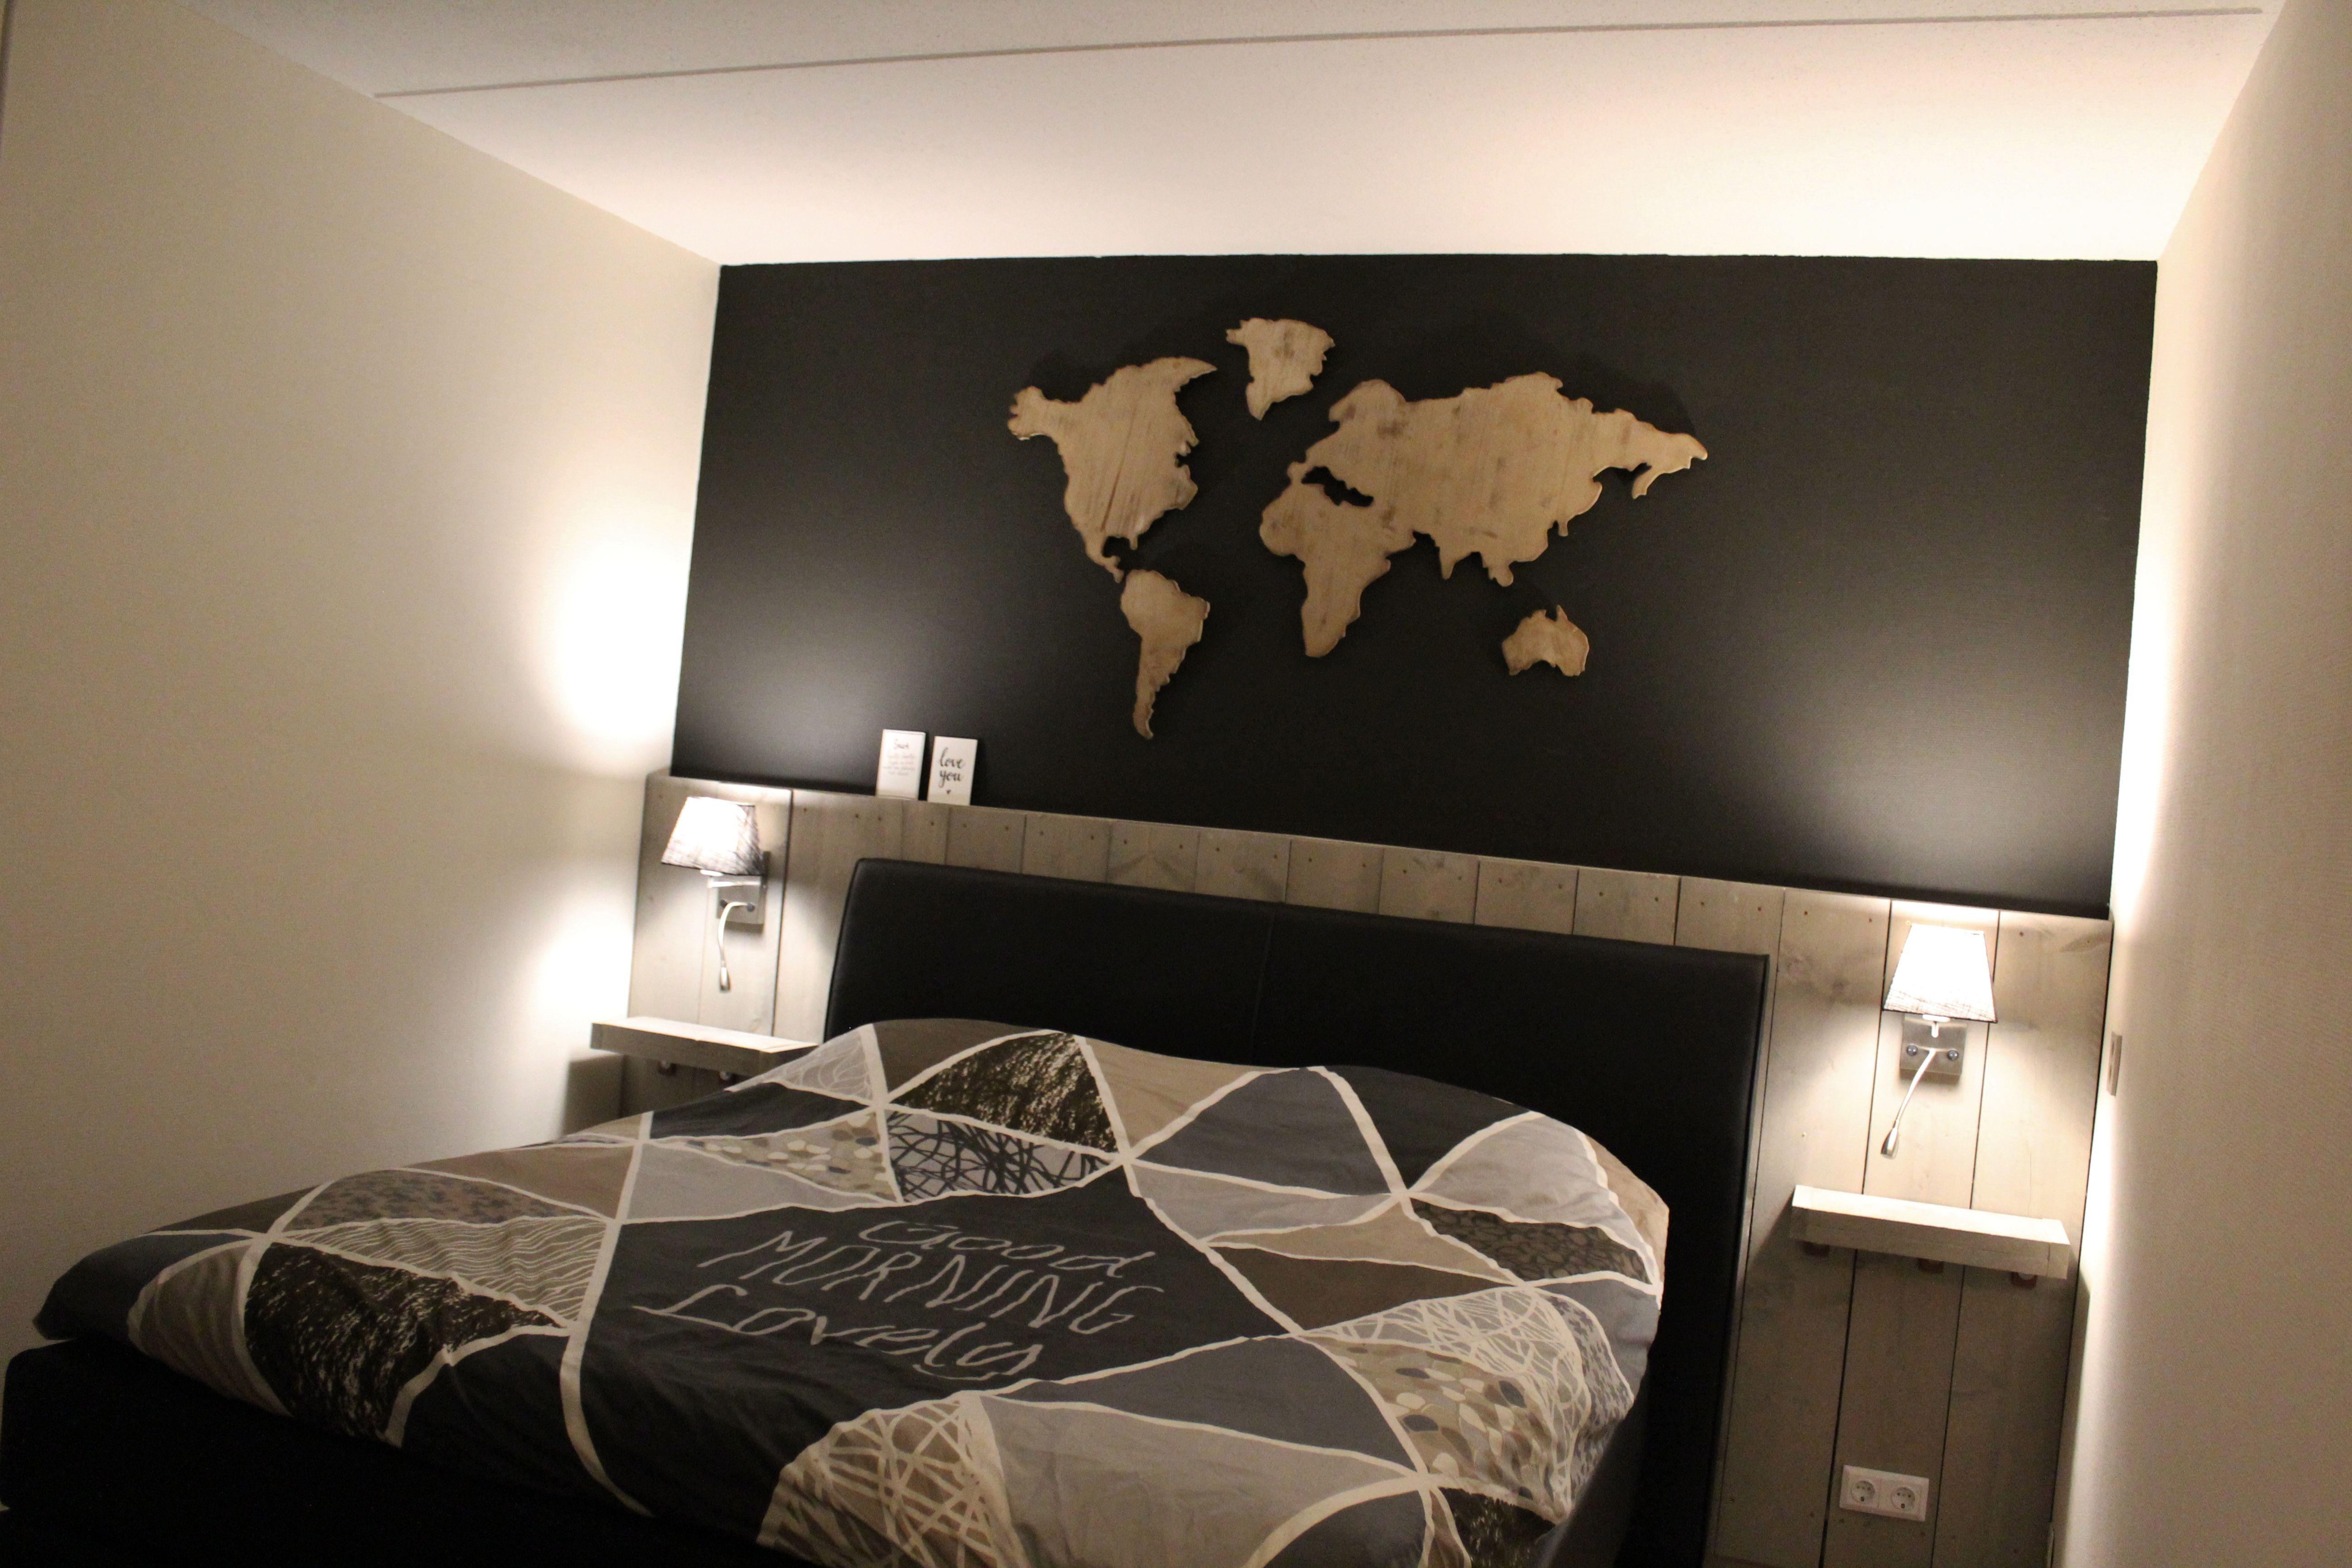 Achterwand Voor Slaapkamer : Onze nieuwe slaapkamer met de door ons zelfgemaakte steigerhouten